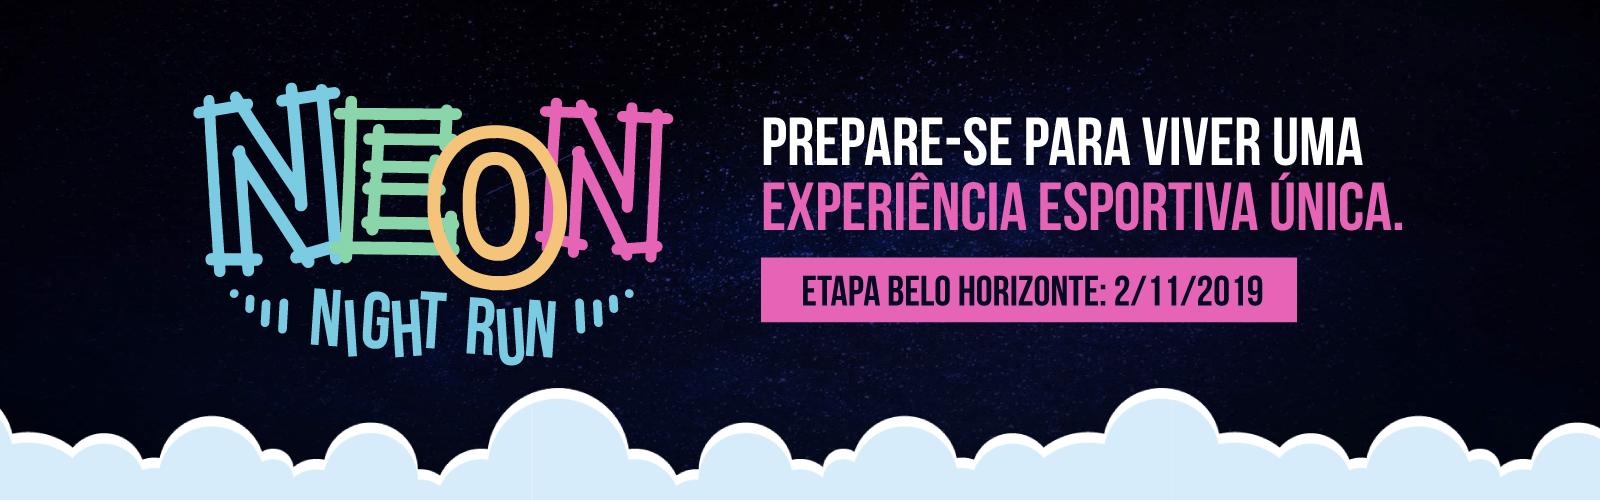 Neon Night Run 2019 - Belo Horizonte